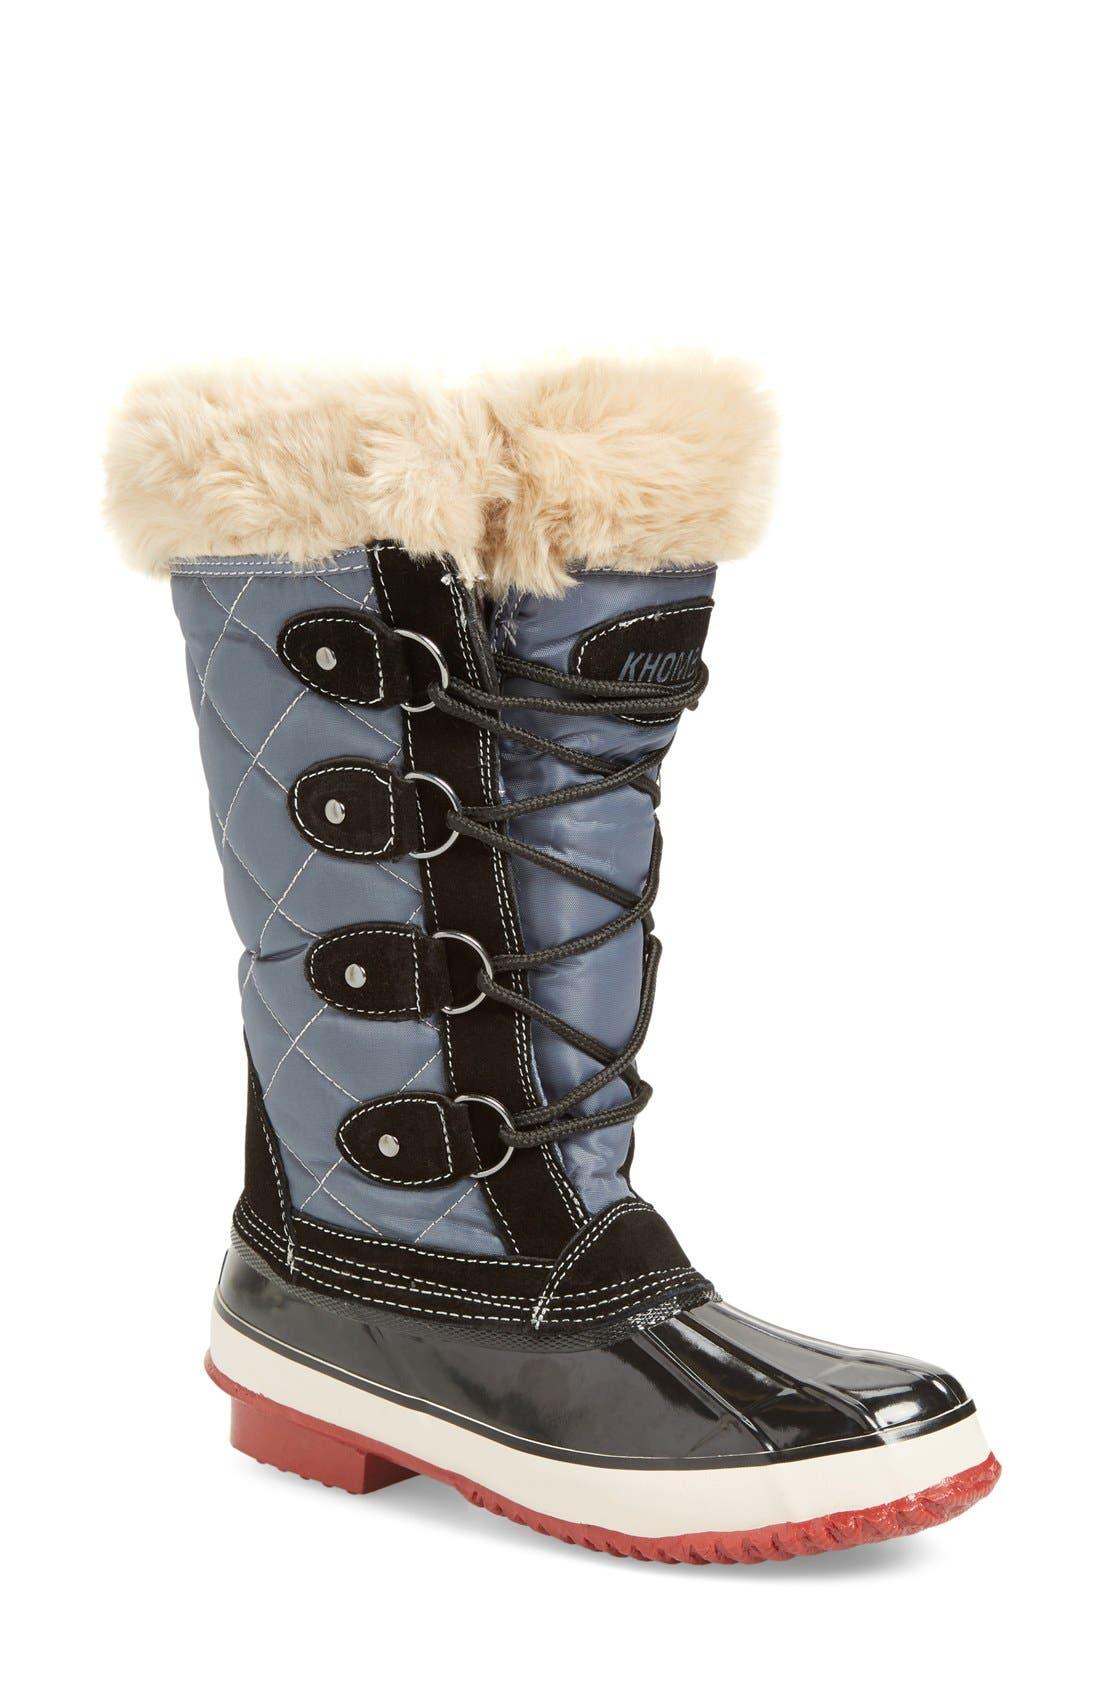 Alternate Image 1 Selected - Khombu Andie Waterproof Boot (Women)